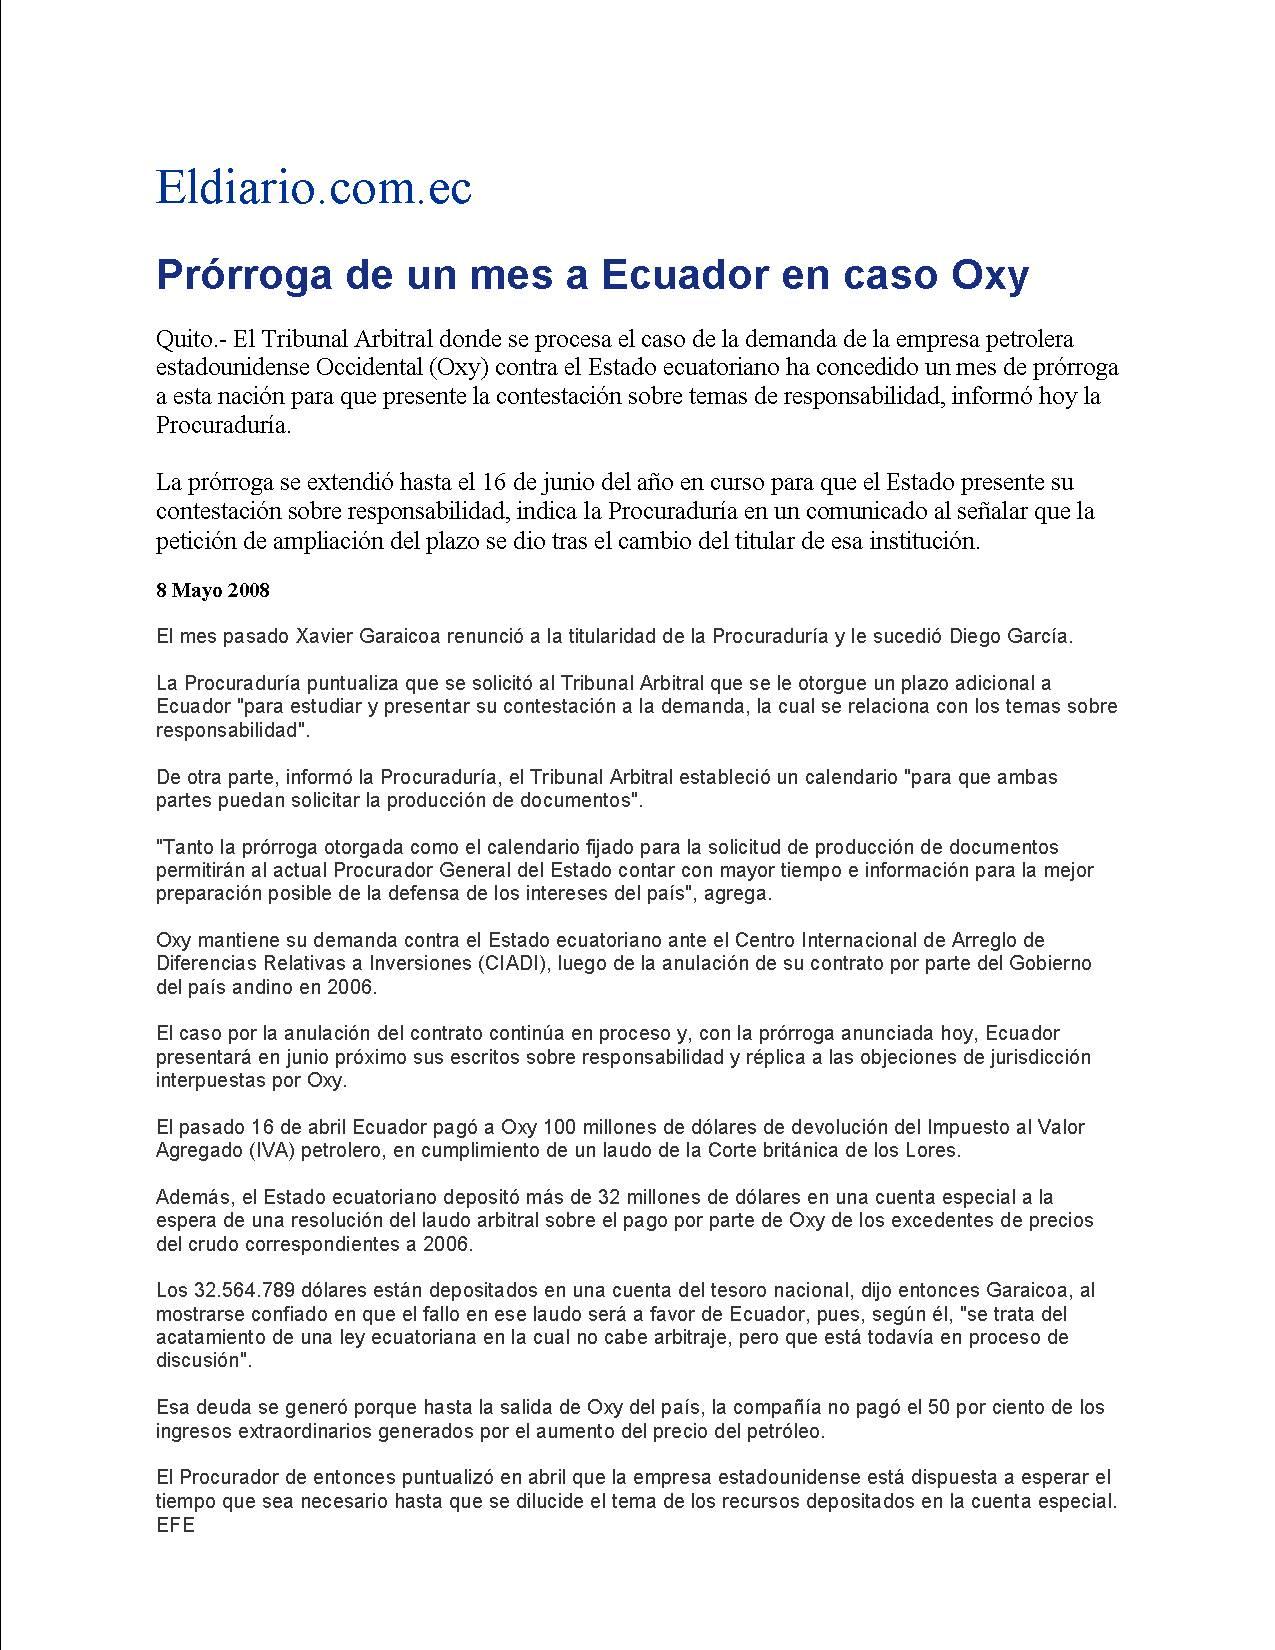 2-2008-05-08-Eldiario